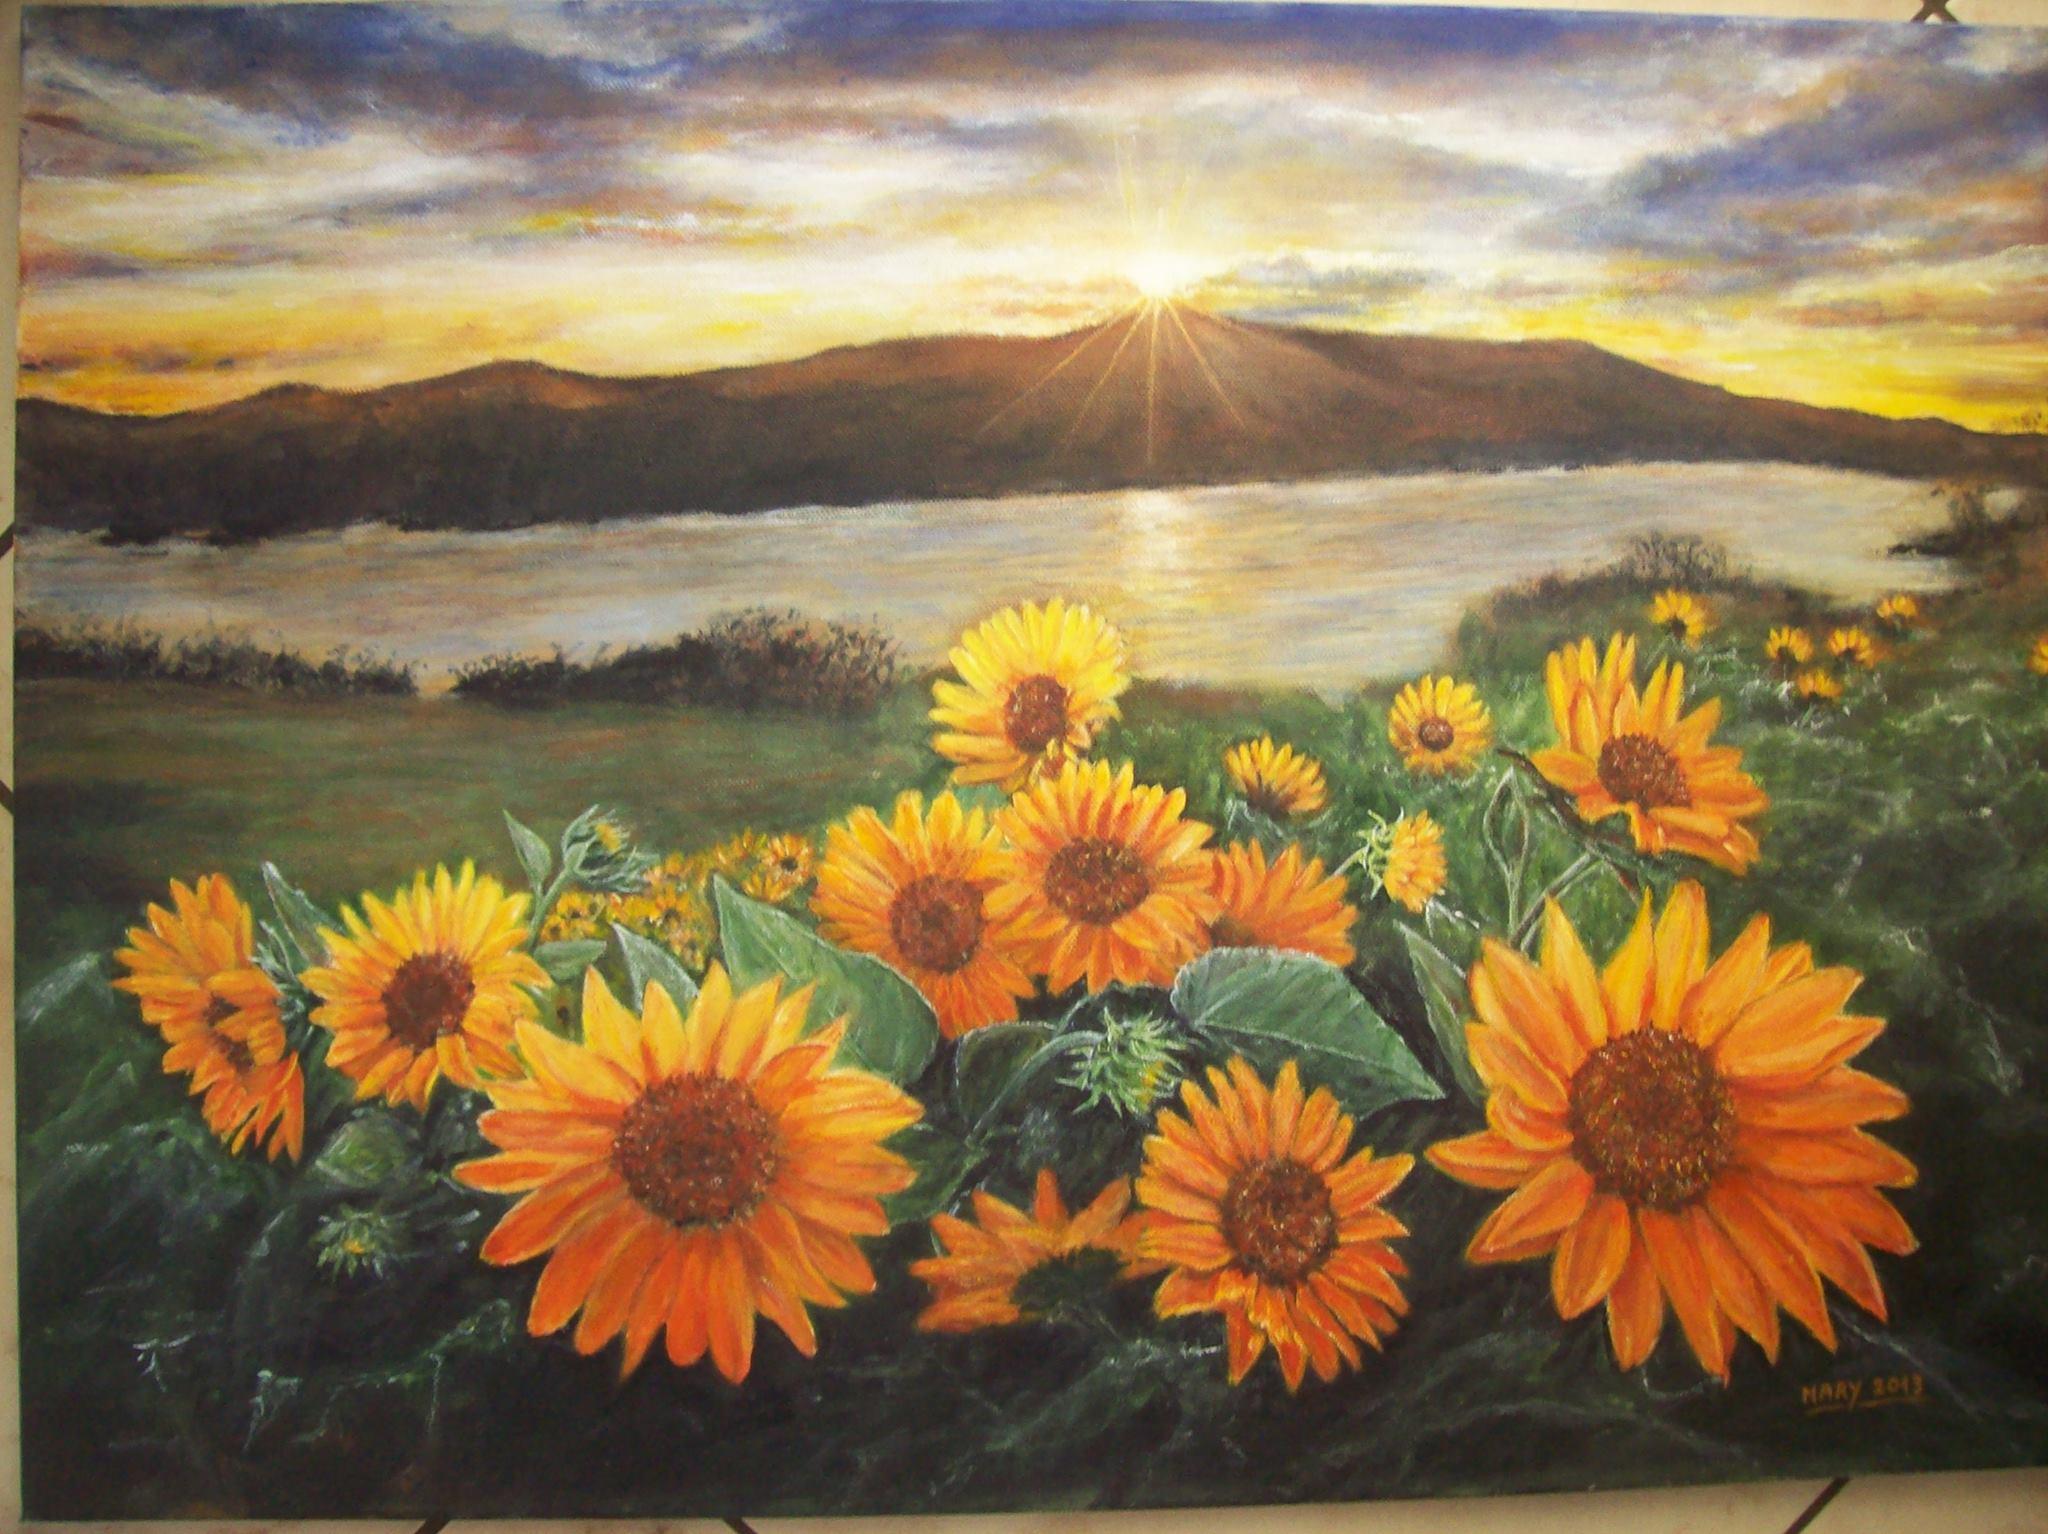 Marinella Careddu paesaggio con girasoli – acrilico su tela 50 x 70